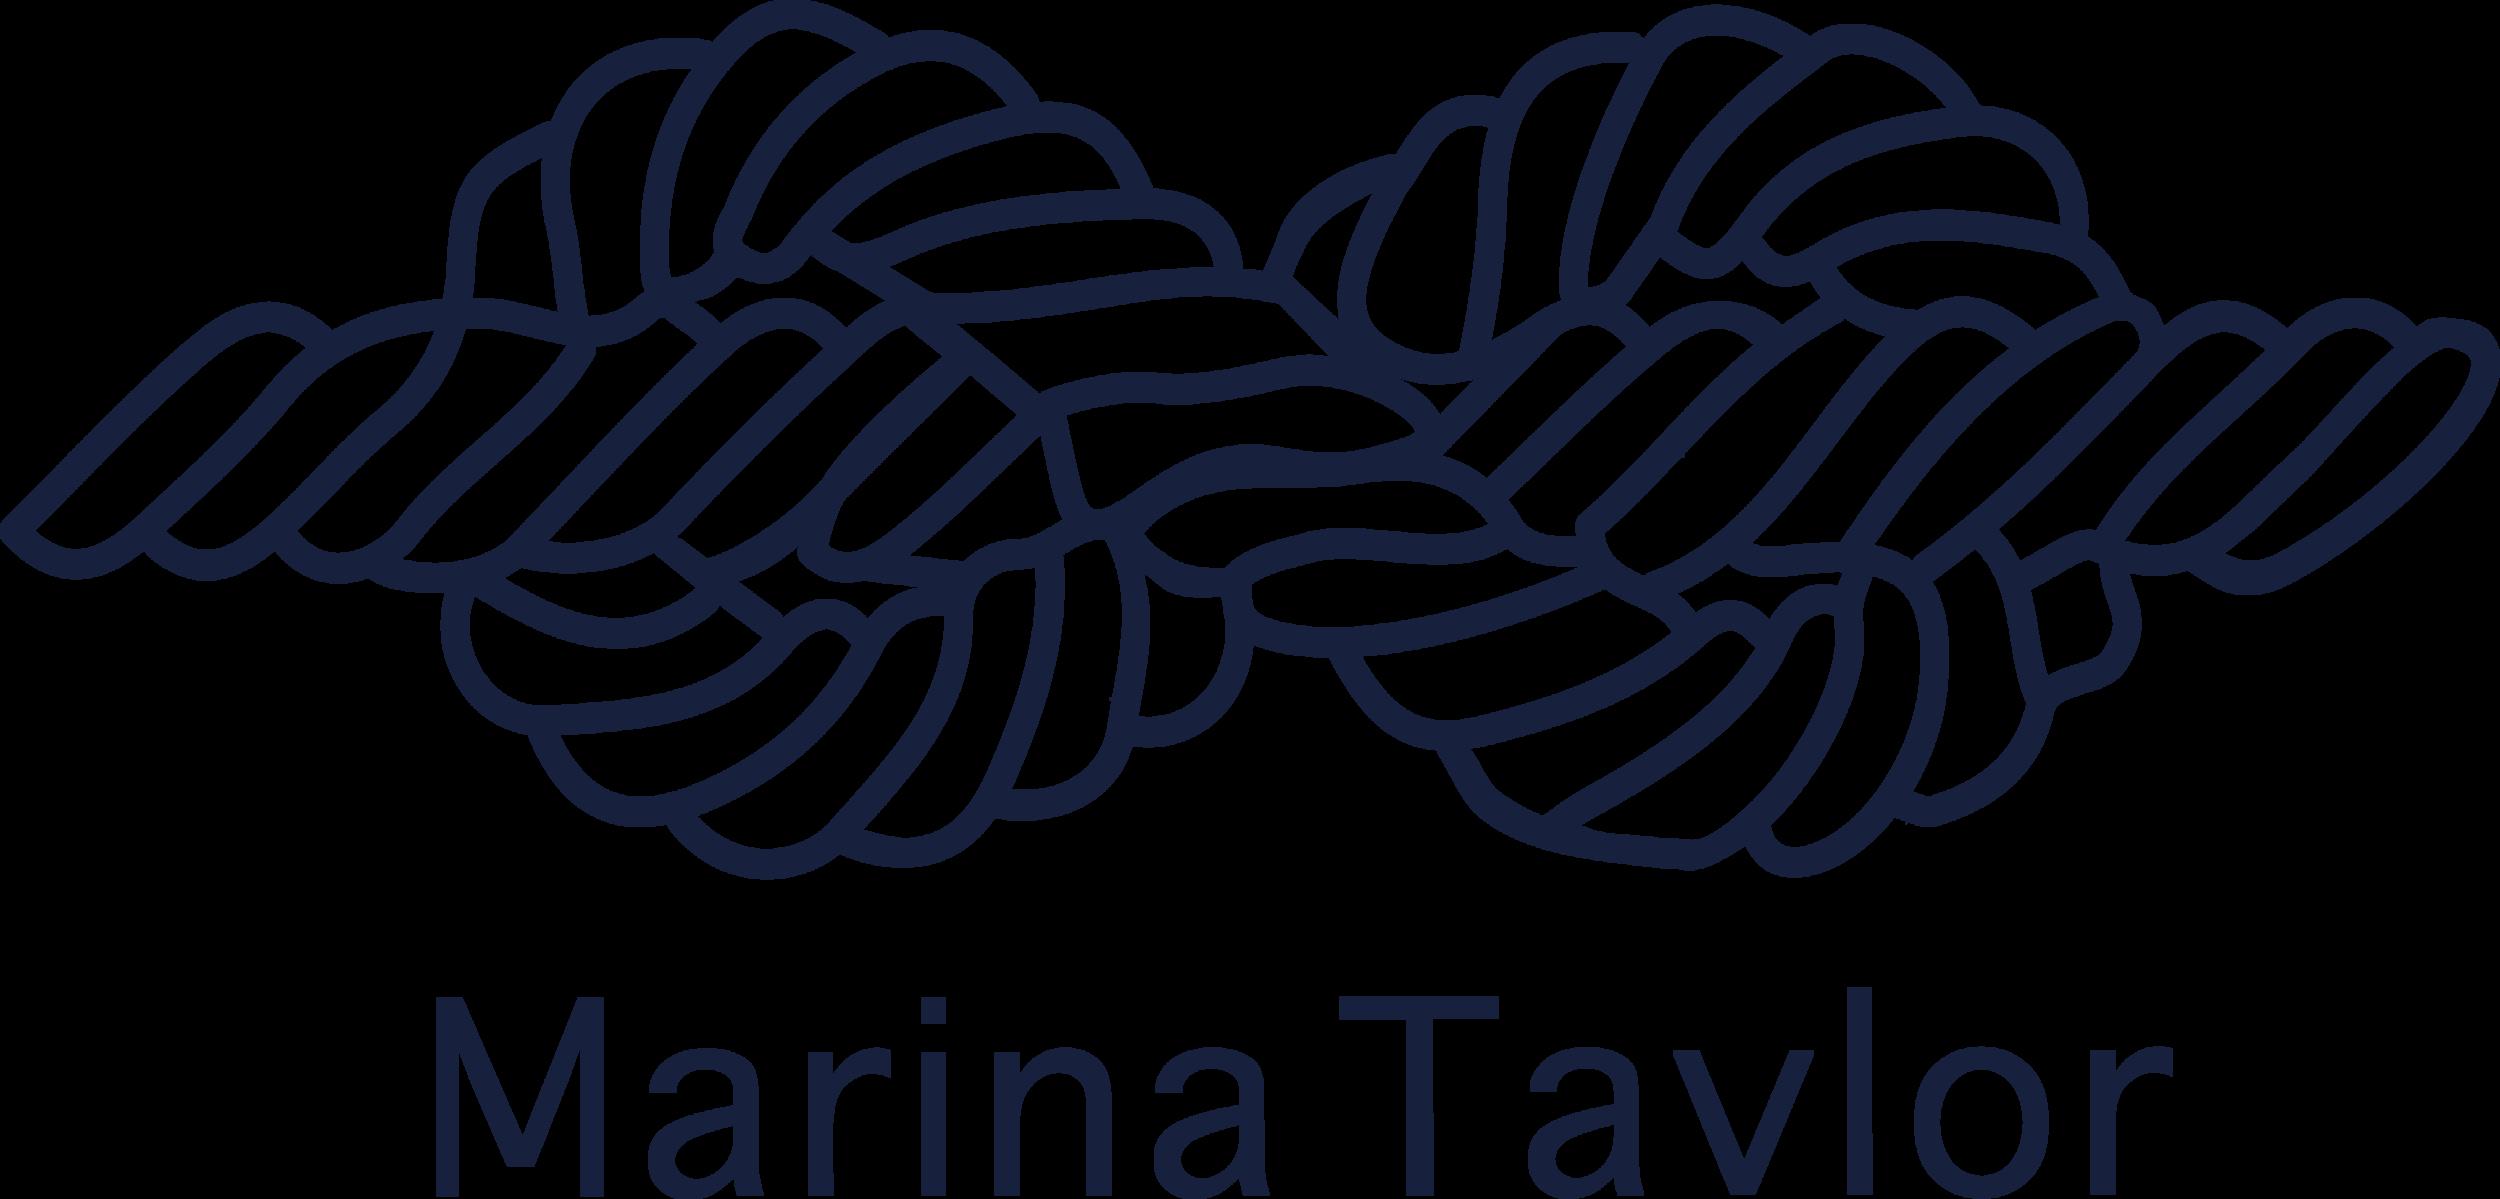 Marina-tavlor-logga-blå.png